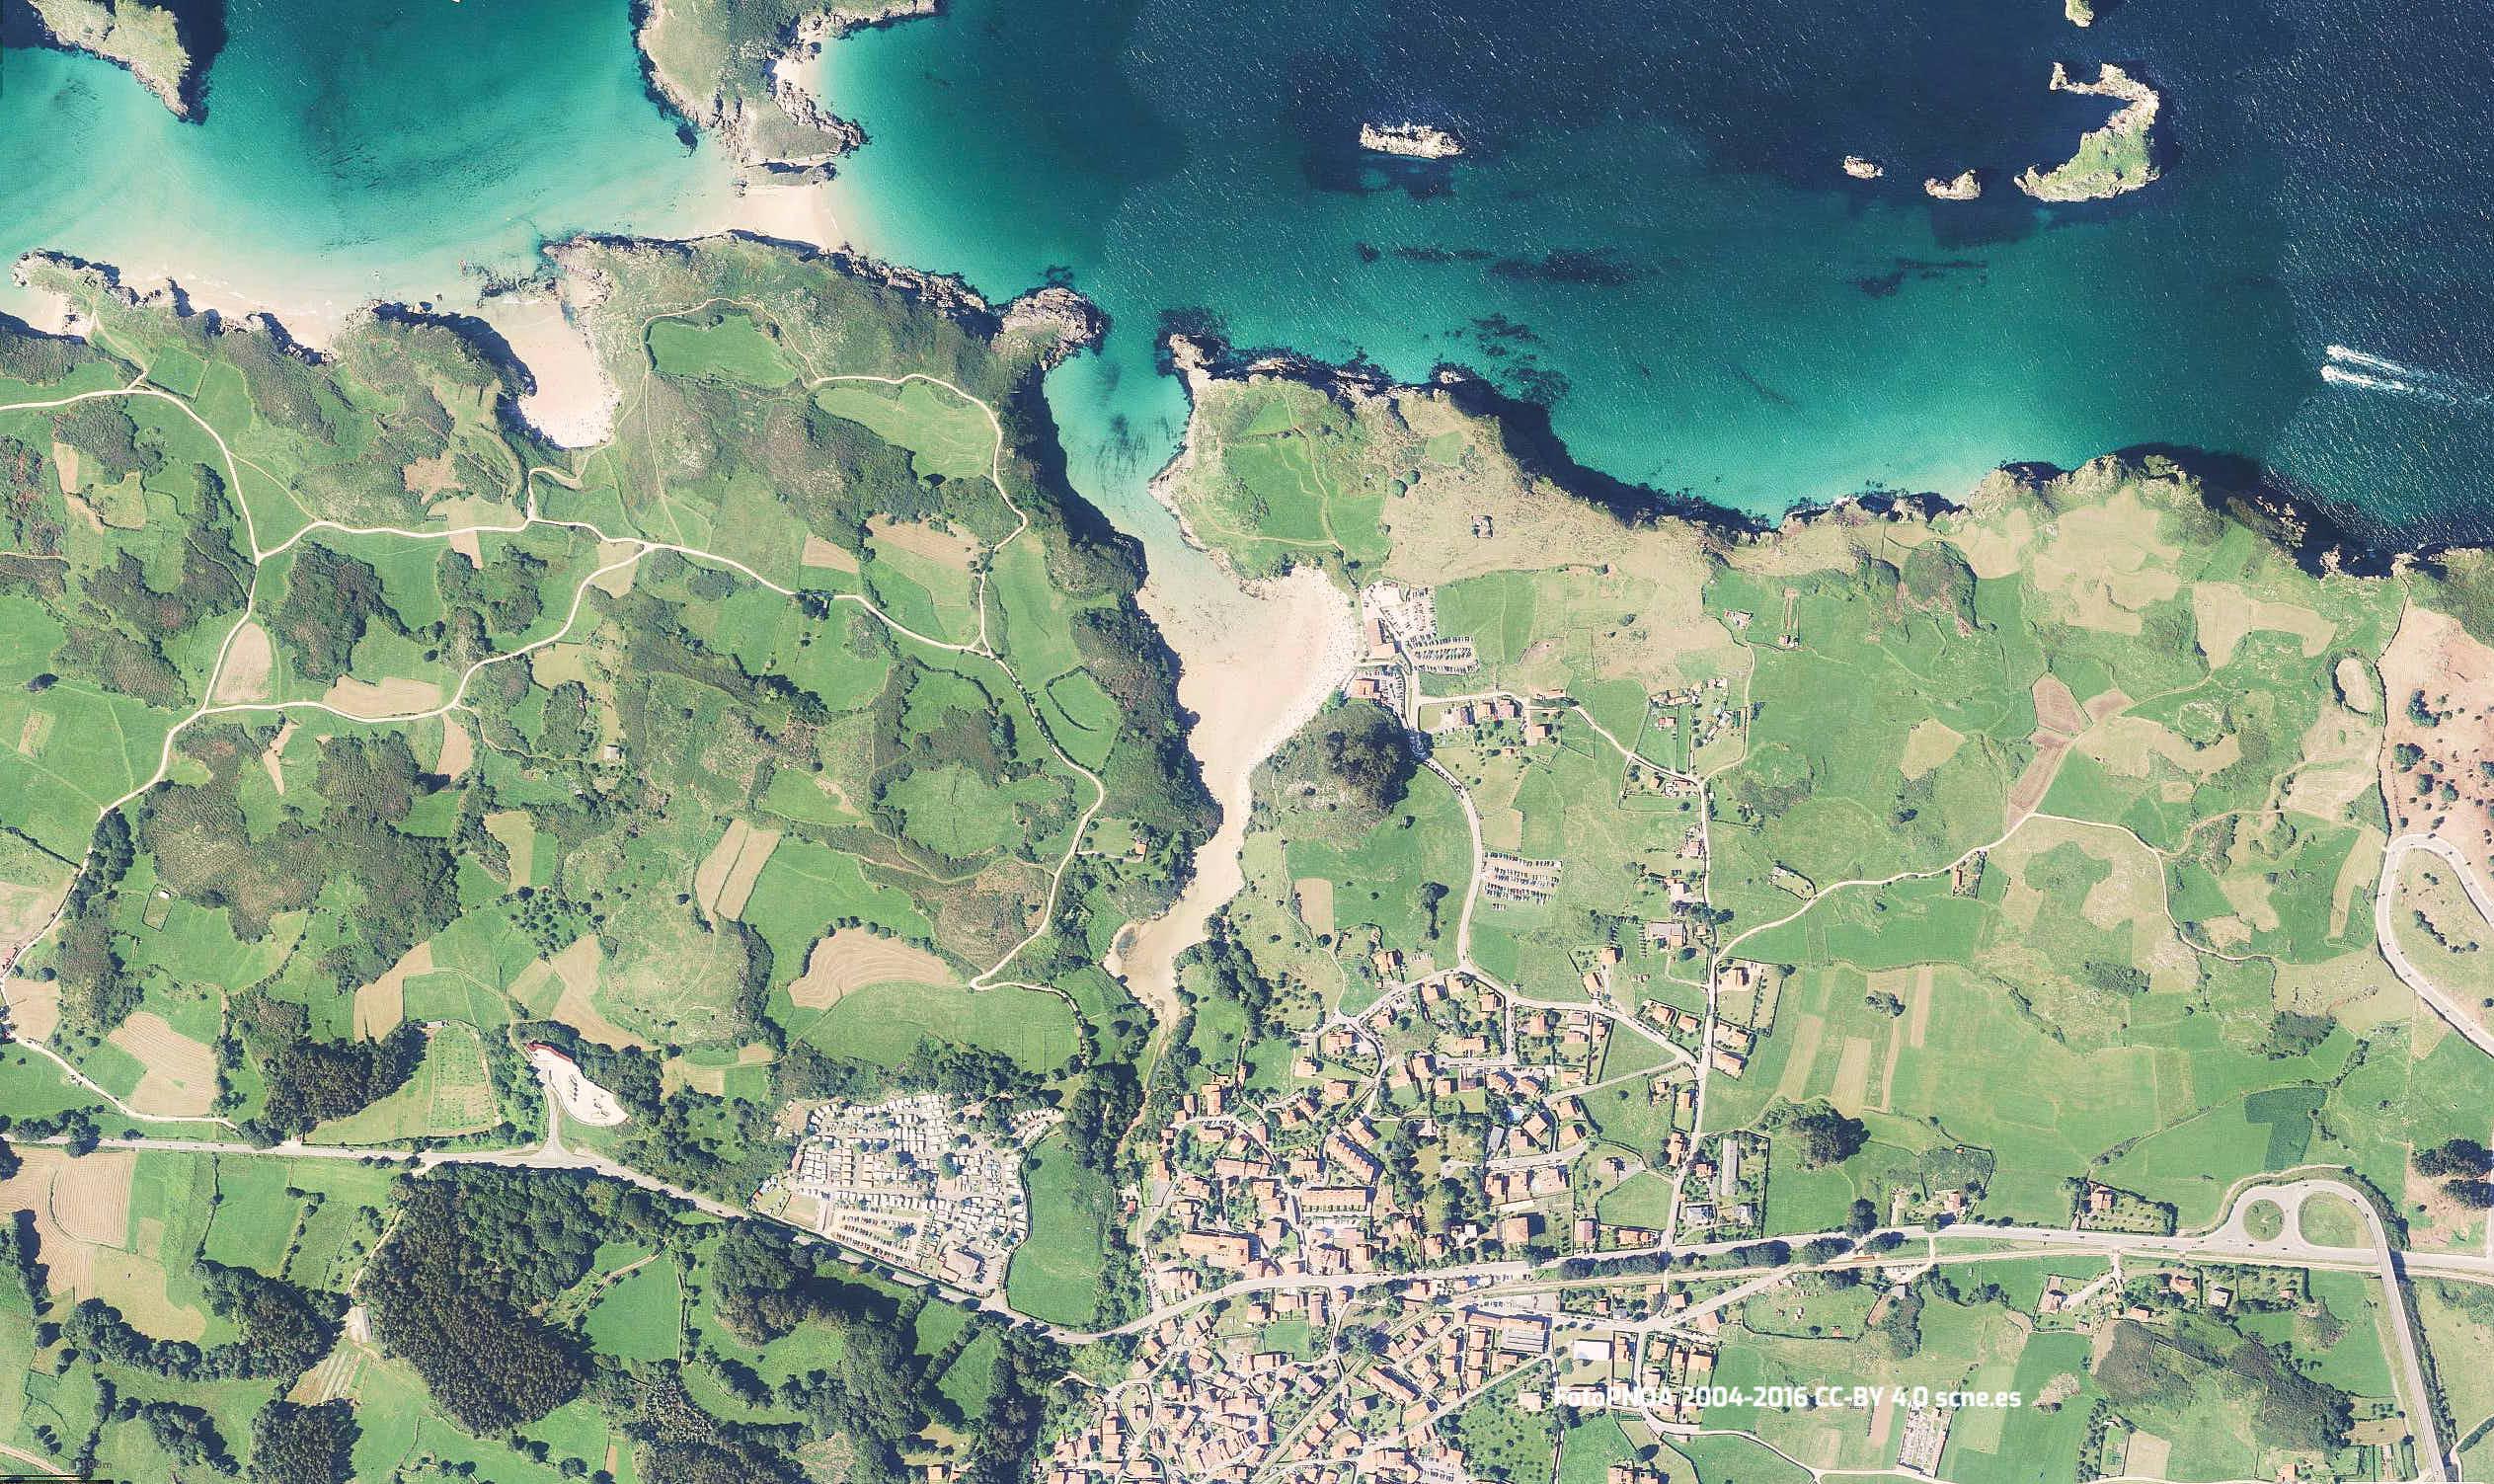 Vista aerea de la playa de Poo y su entorno en Llanes, Asturias